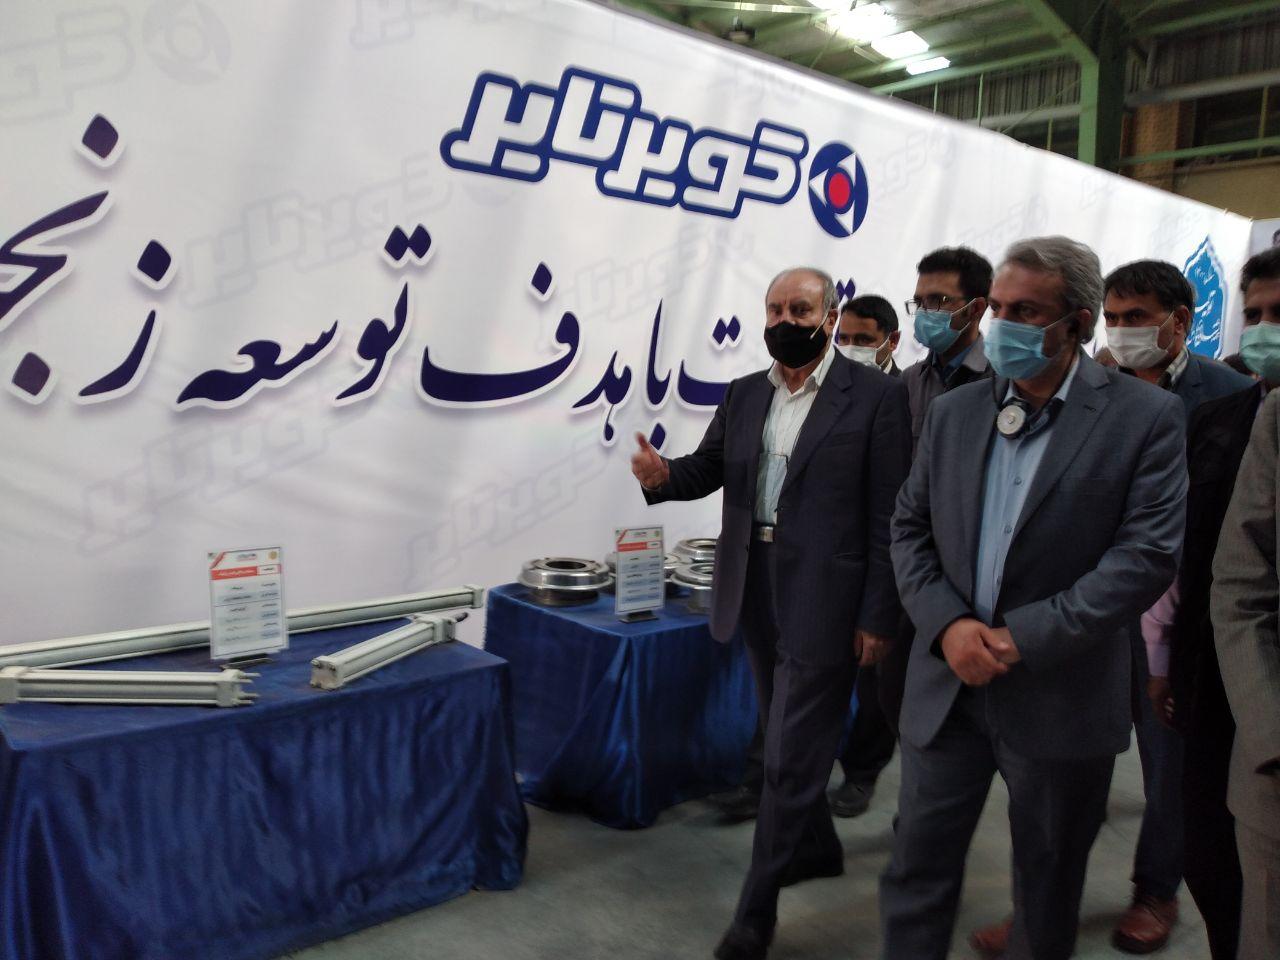 بازدید وزیر صنعت، معدن و تجارت از کارخانه کویر تایر بیرجند